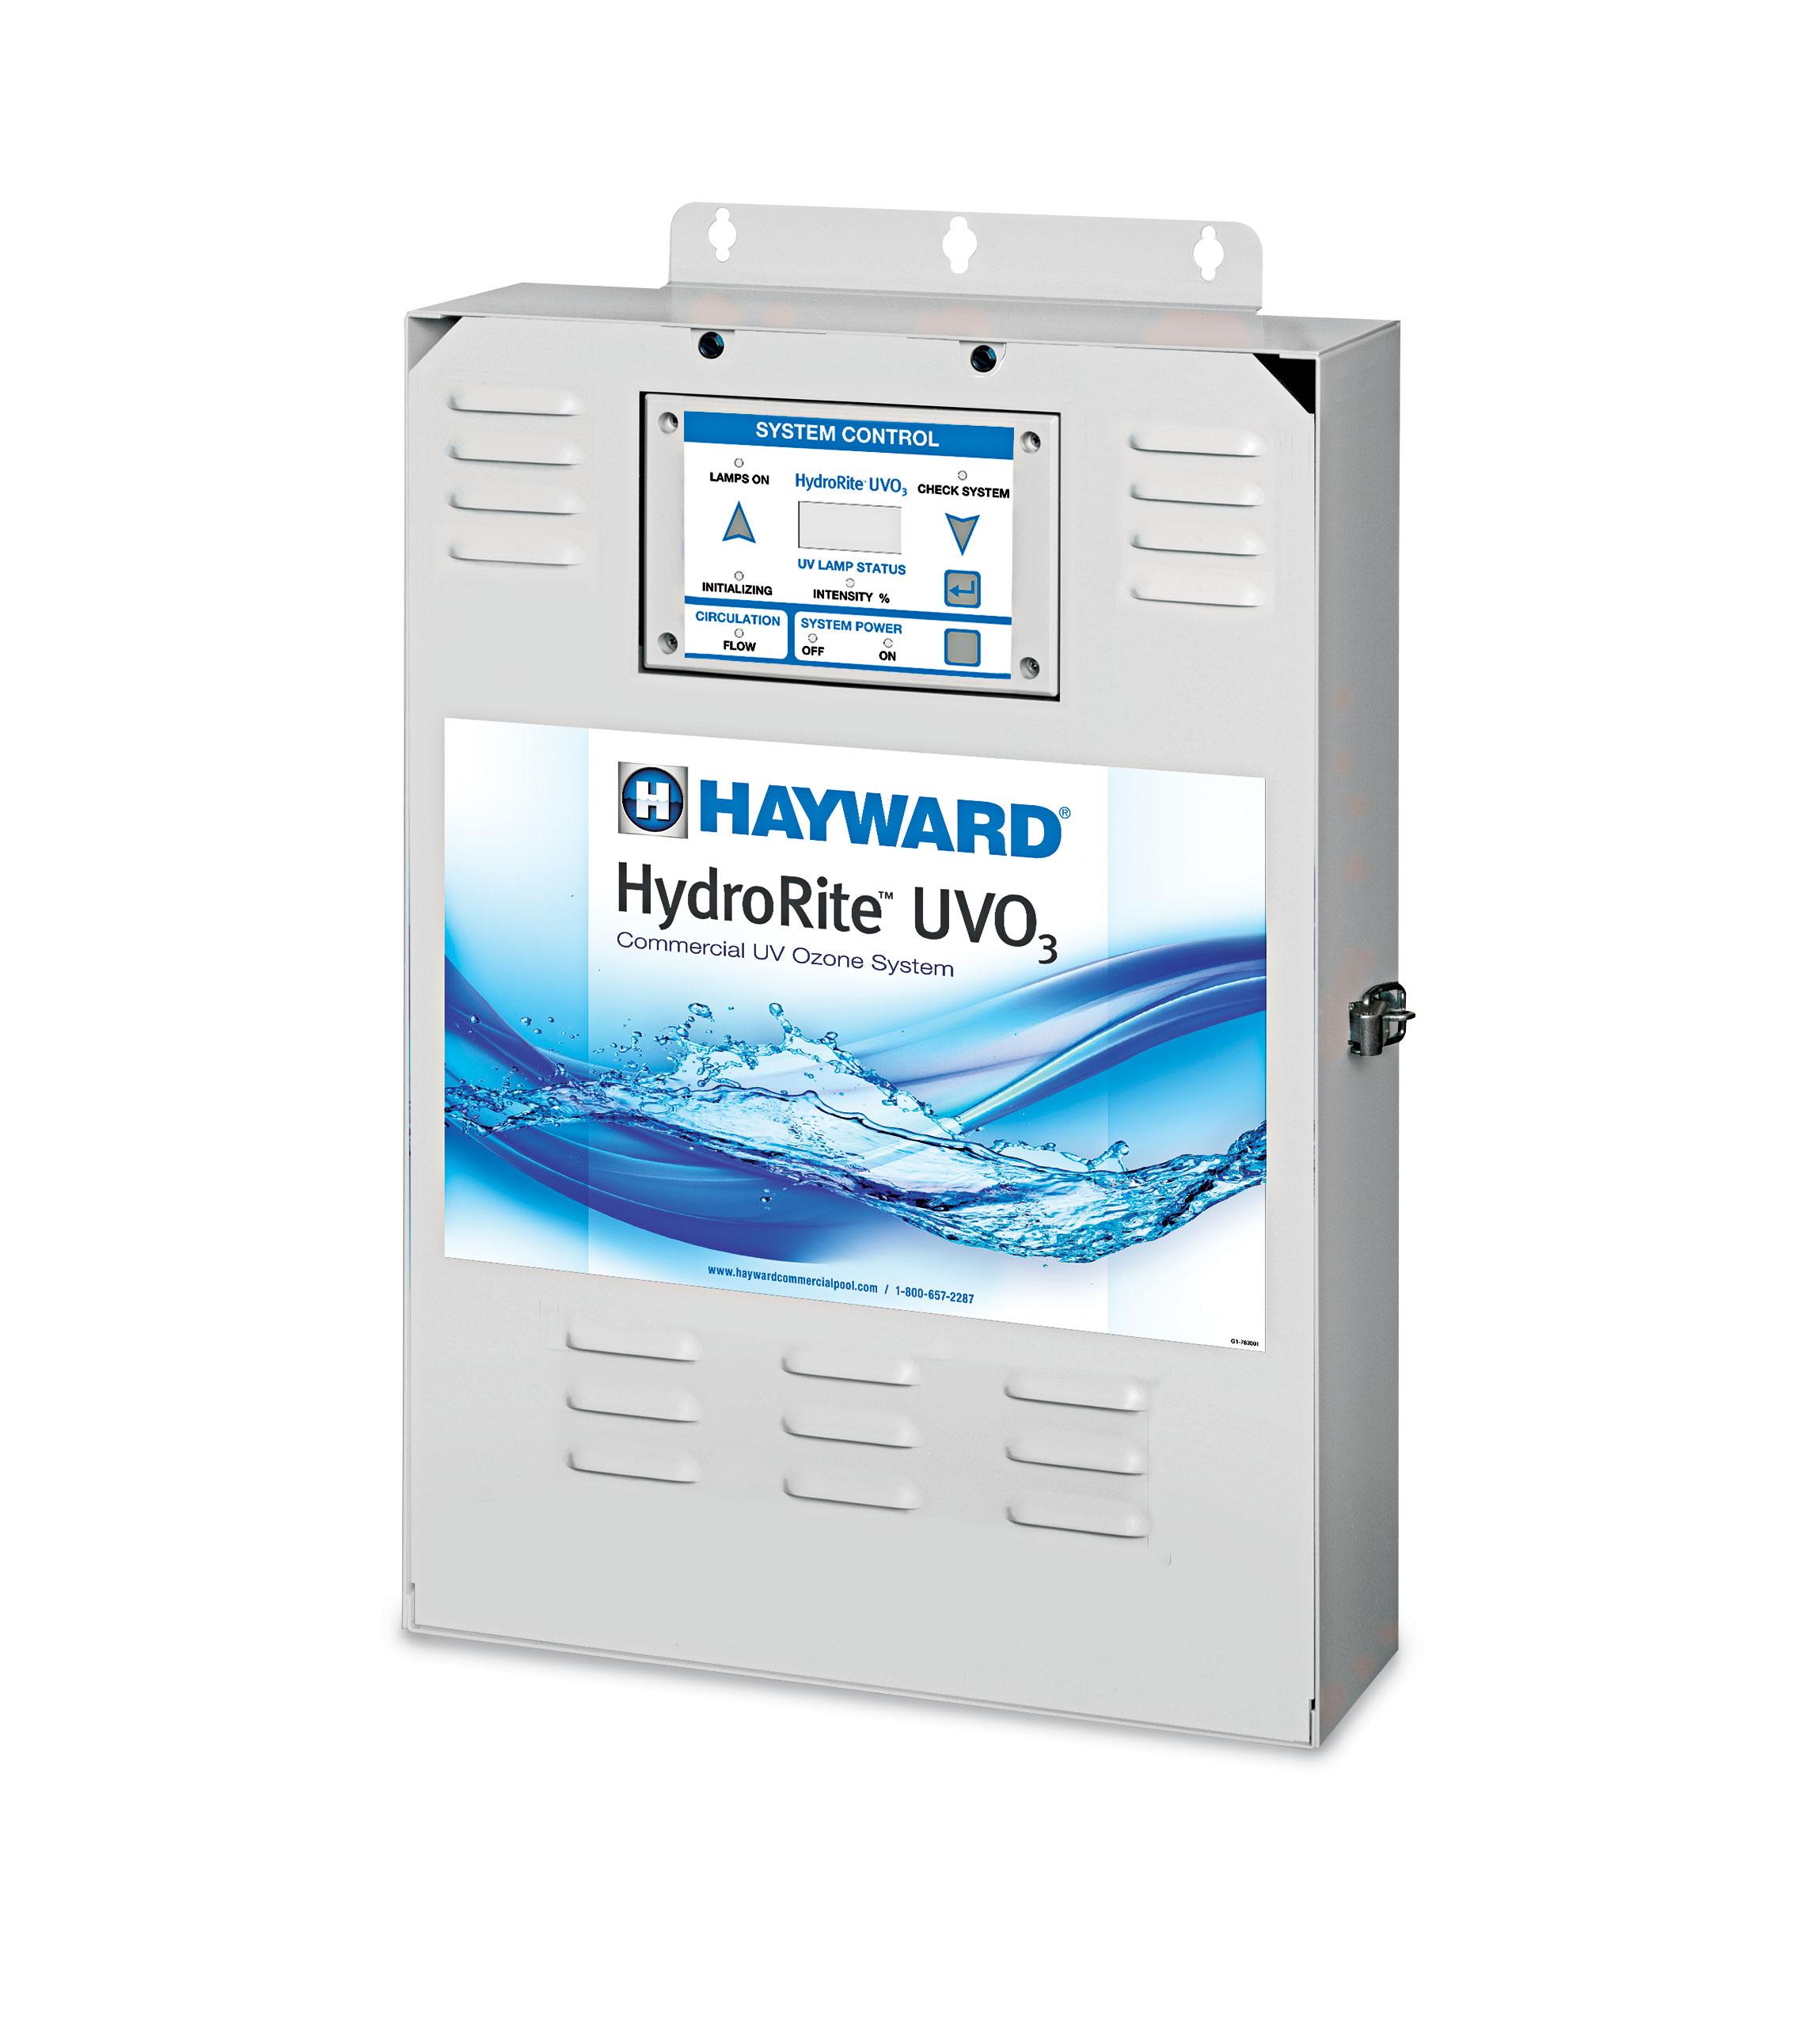 HydroRite_Box.jpg